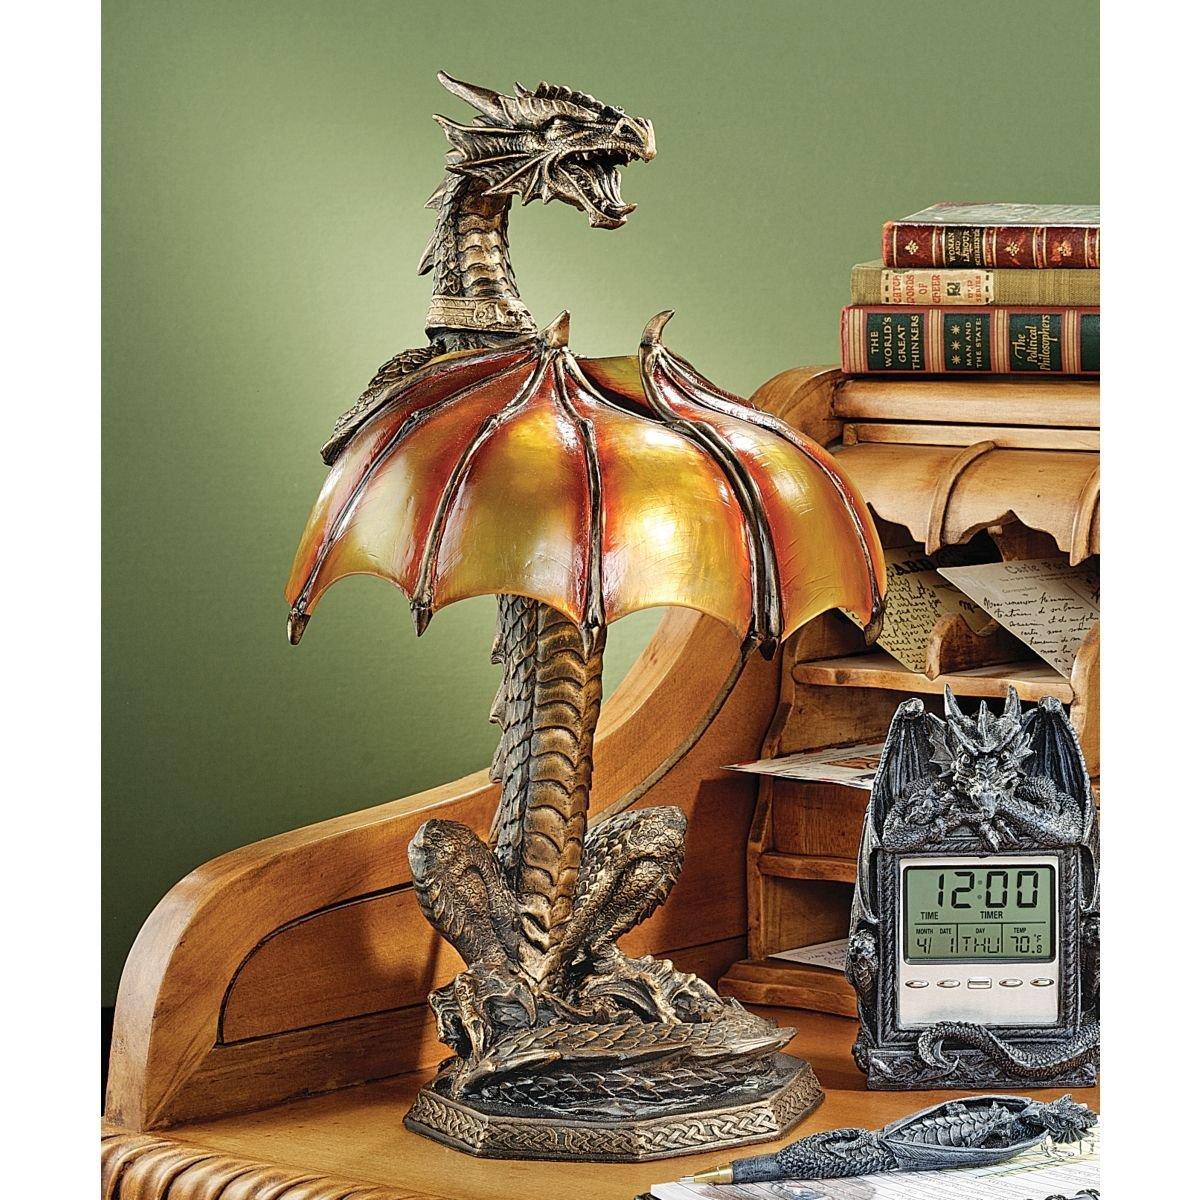 デザイン・トスカノ製 ドラゴンの卓上スタンドライト(ランプ) イルミネーション彫像 彫刻/ Dragon Strike Illuminated Sculpture(輸入品